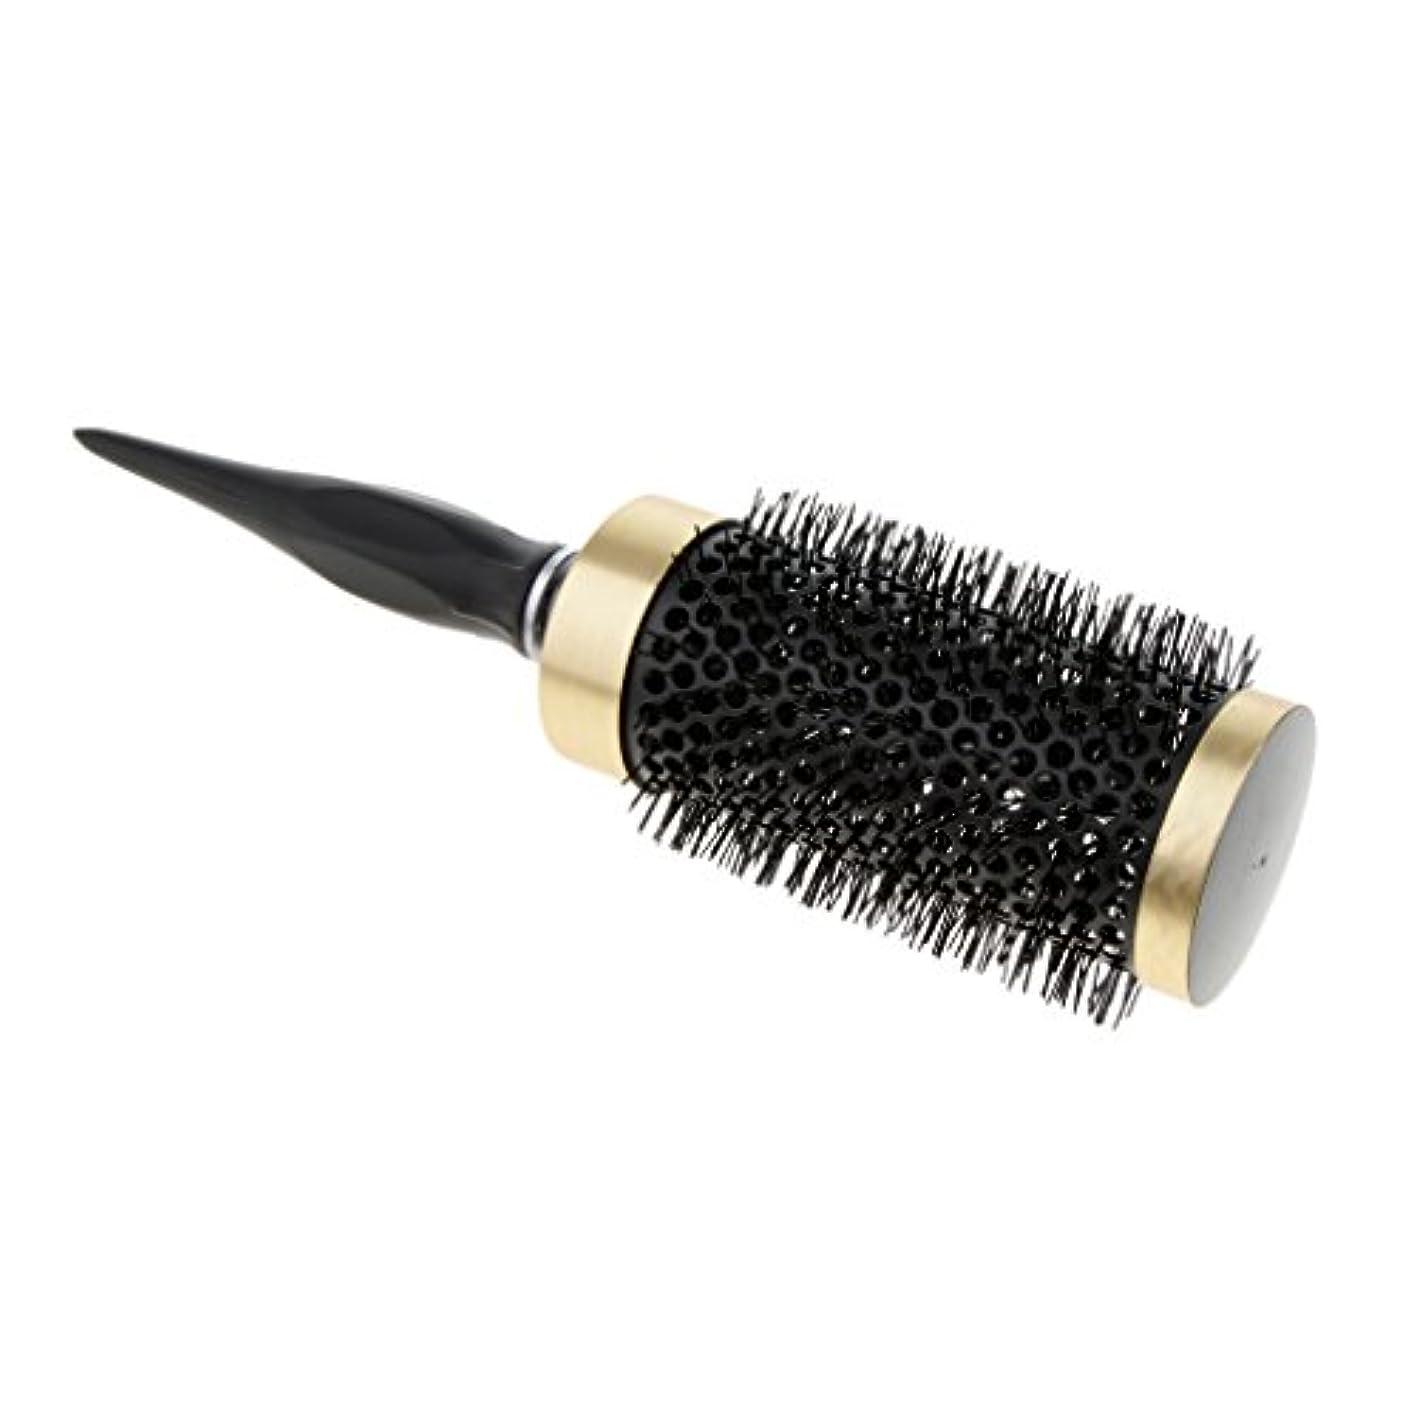 スナック無力ナンセンスロールブラシ ヘアブラシ ナイロンブラシ 静電気防止 カーリング 巻き髪ヘア 全5サイズ - 52mm